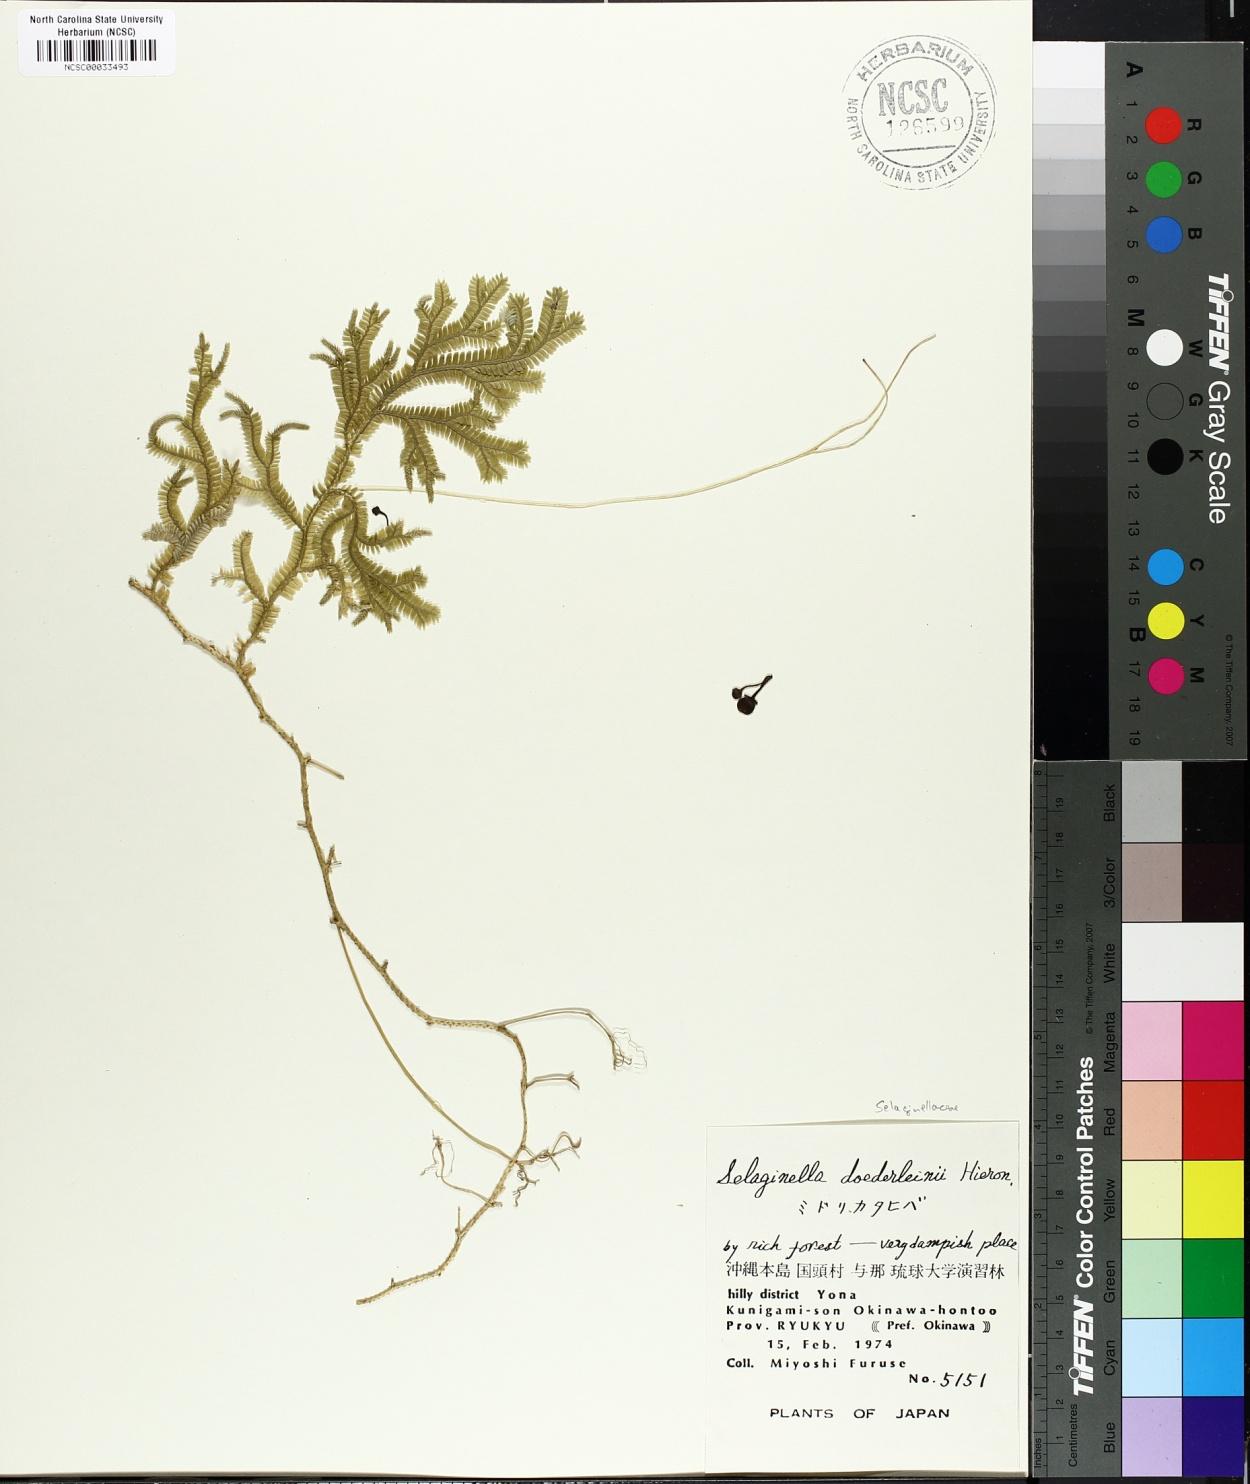 Selaginella doederleinii image